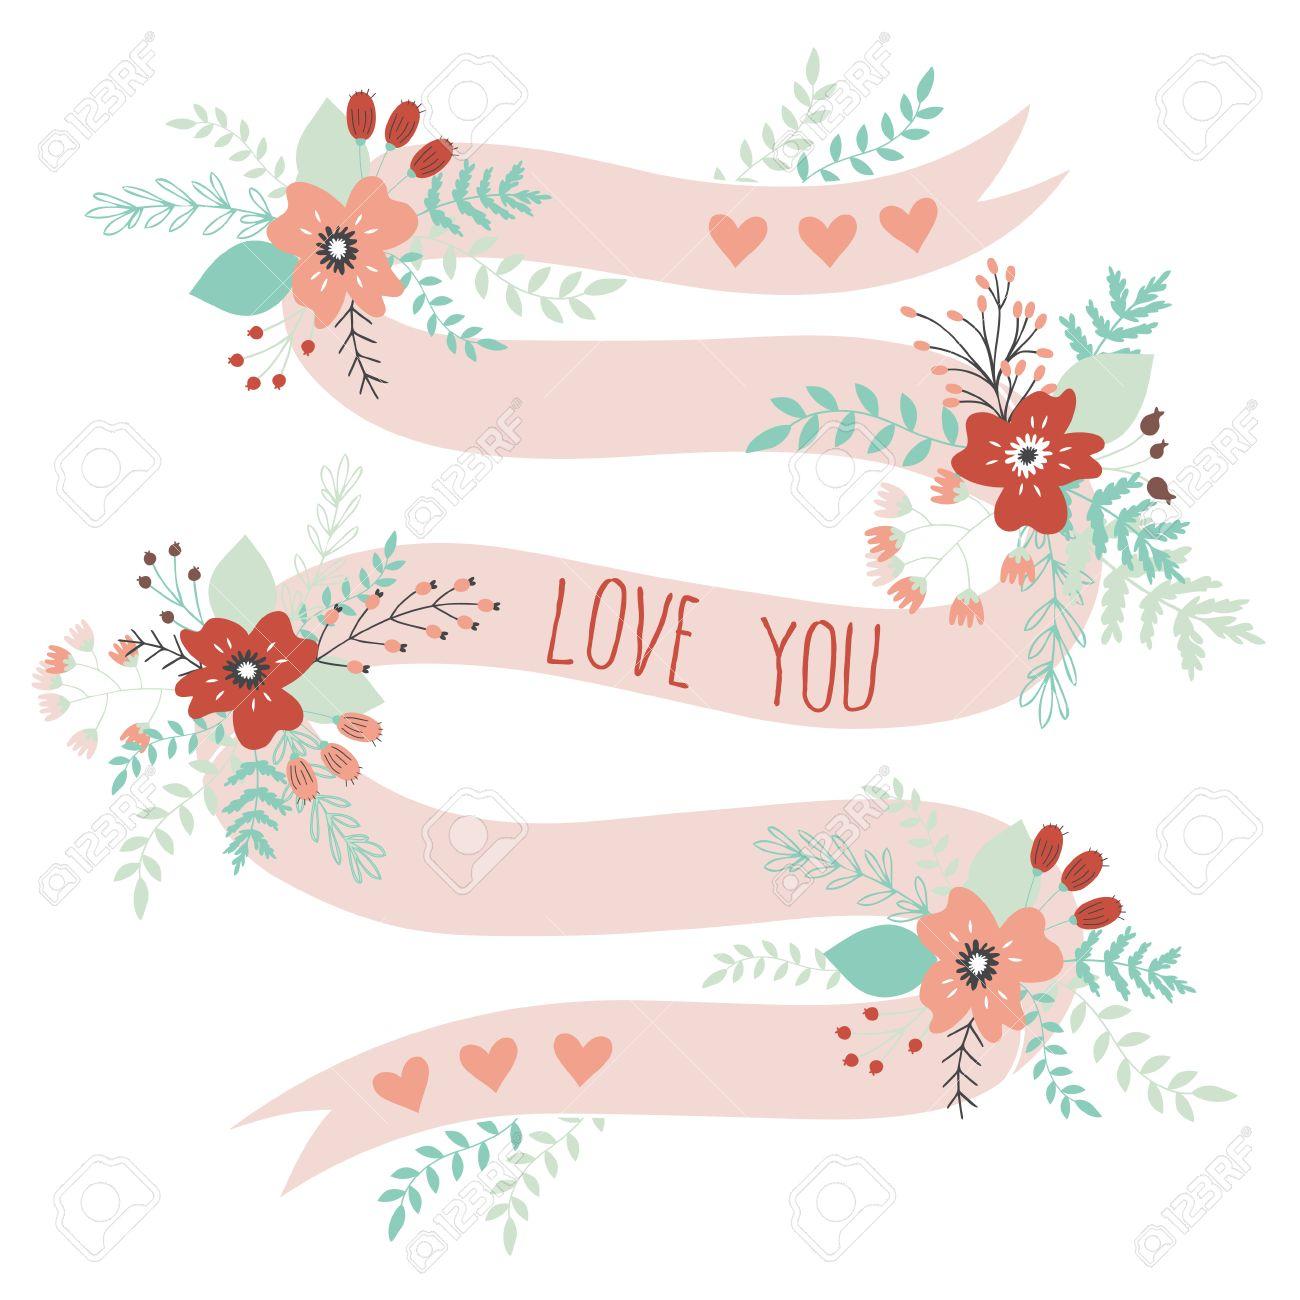 Romantisch Und Lovecard Fur Happy Valentines Day Vorlage Fur